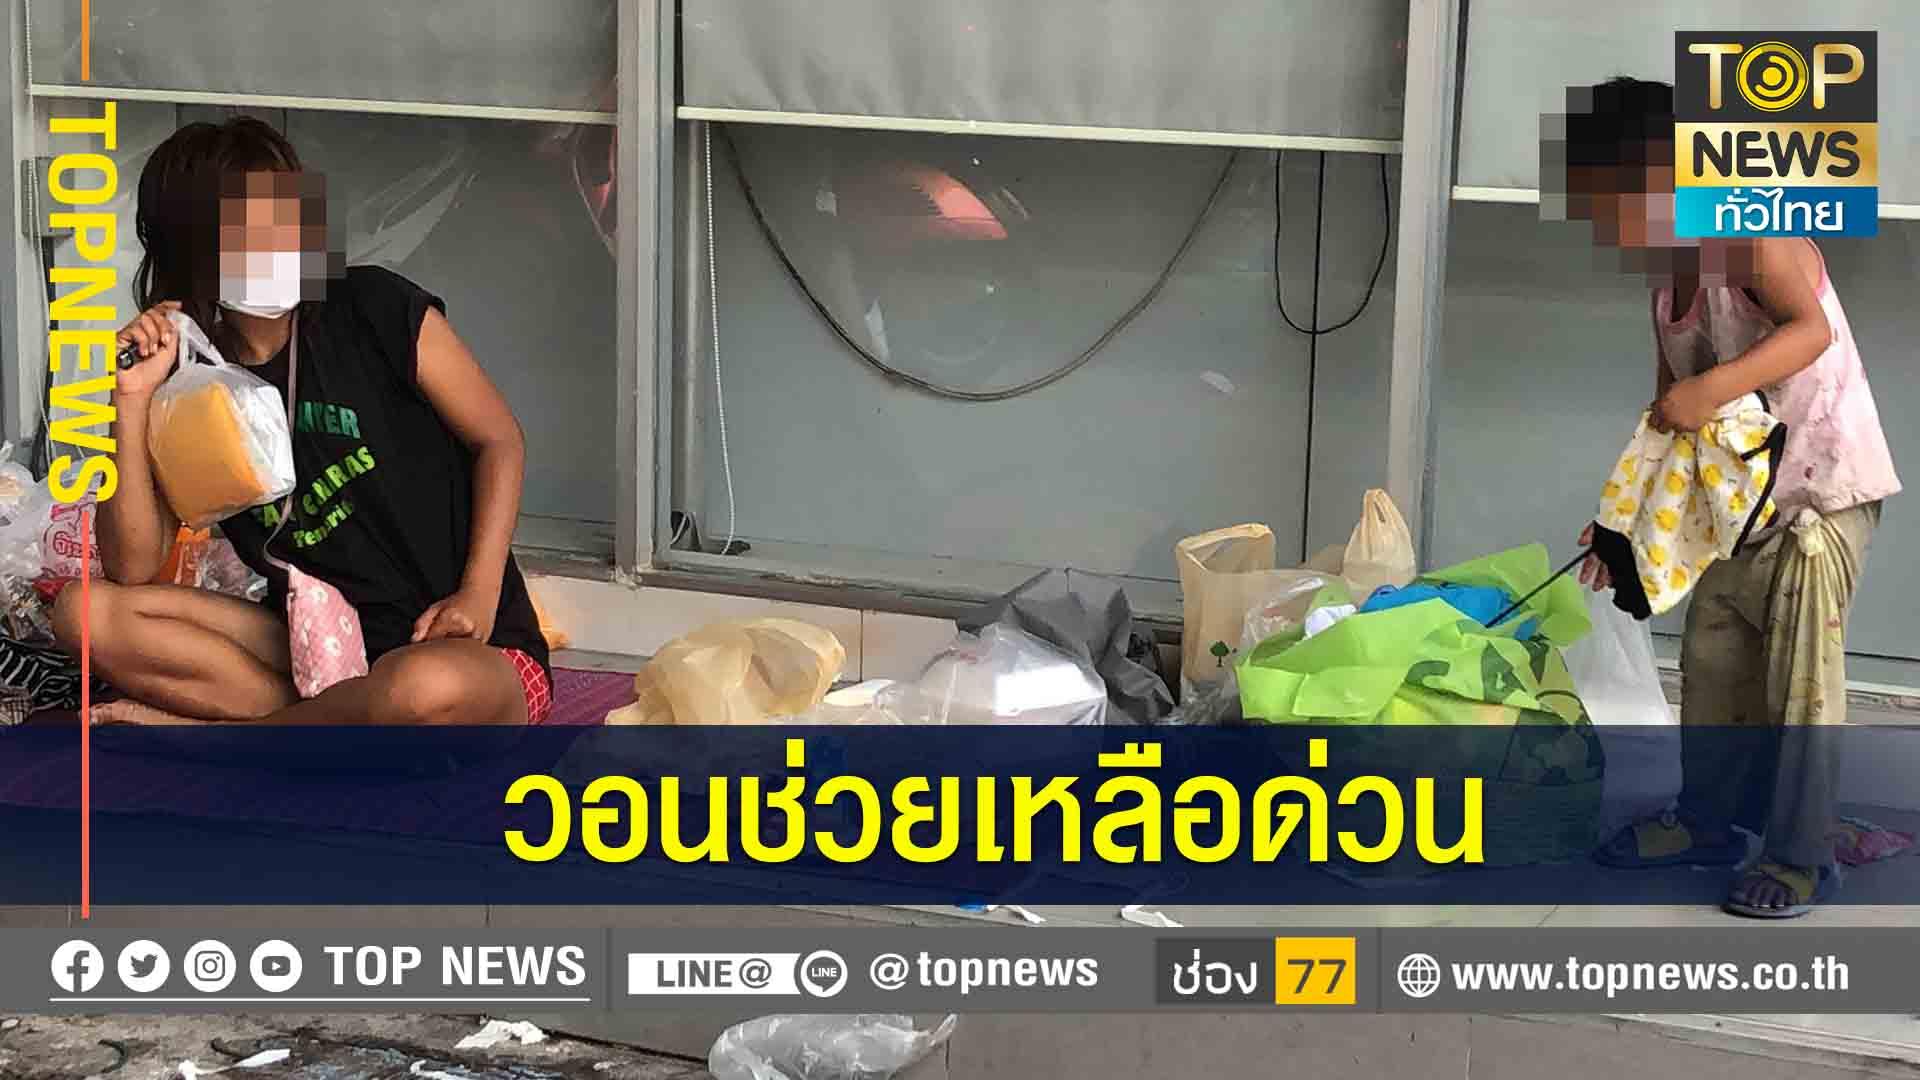 """สุดเวทนา วอน """"พมจ.ชลบุรี"""" ช่วยหญิงไทยพร้อมบุตรสาวนอนข้างทาง หวันแพร่โควิด"""